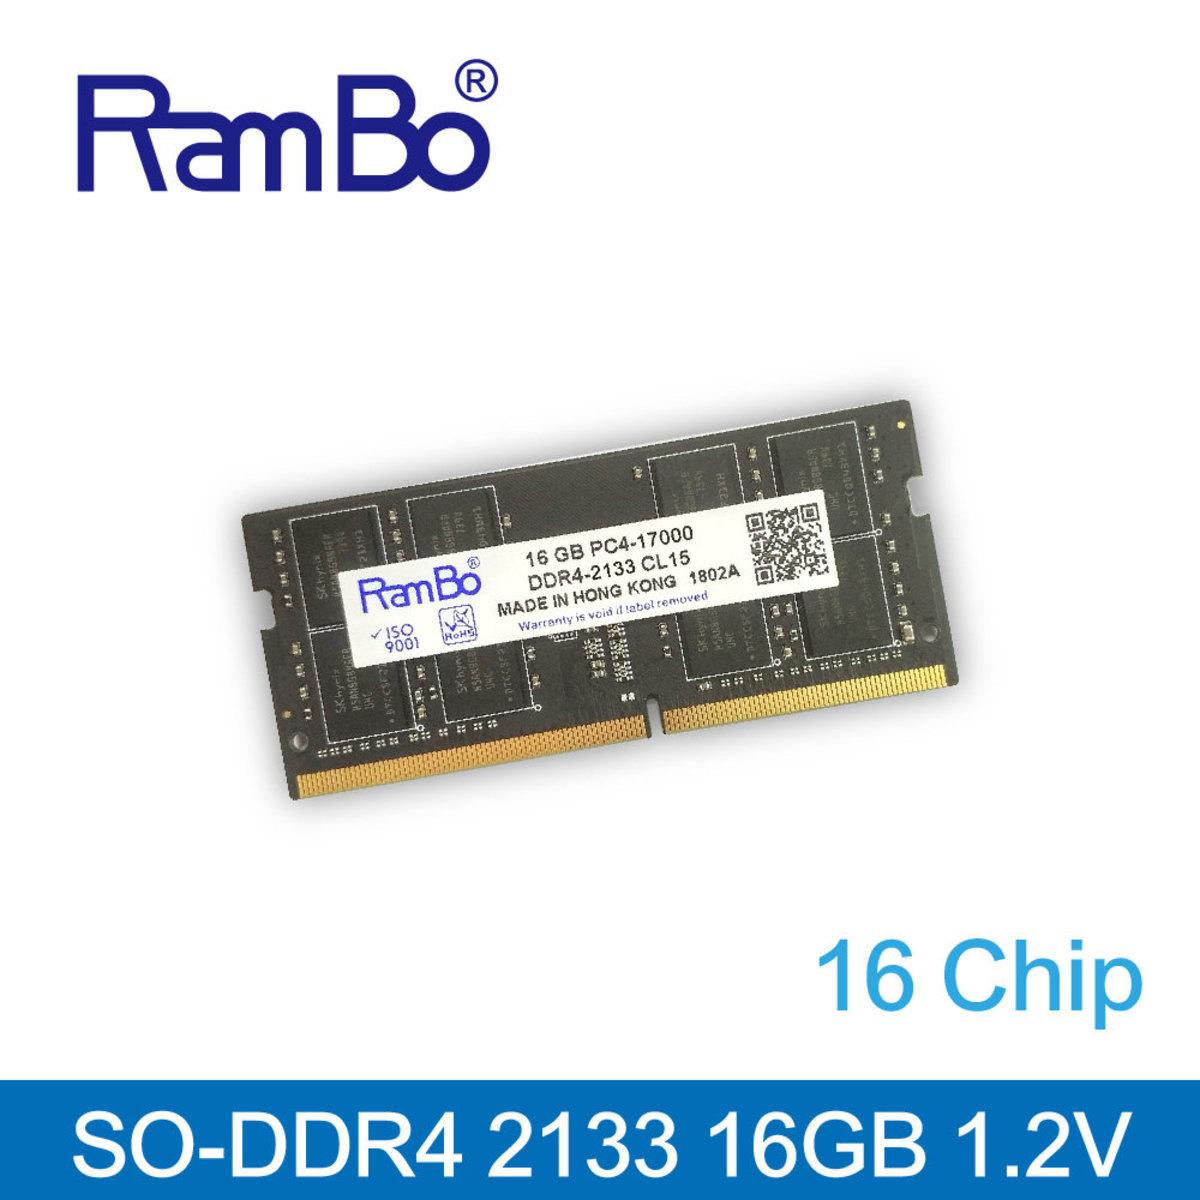 16GB PC4-17000 DDR4 2133MHz SO DIMM SDRAM for PC 記憶體 內存條